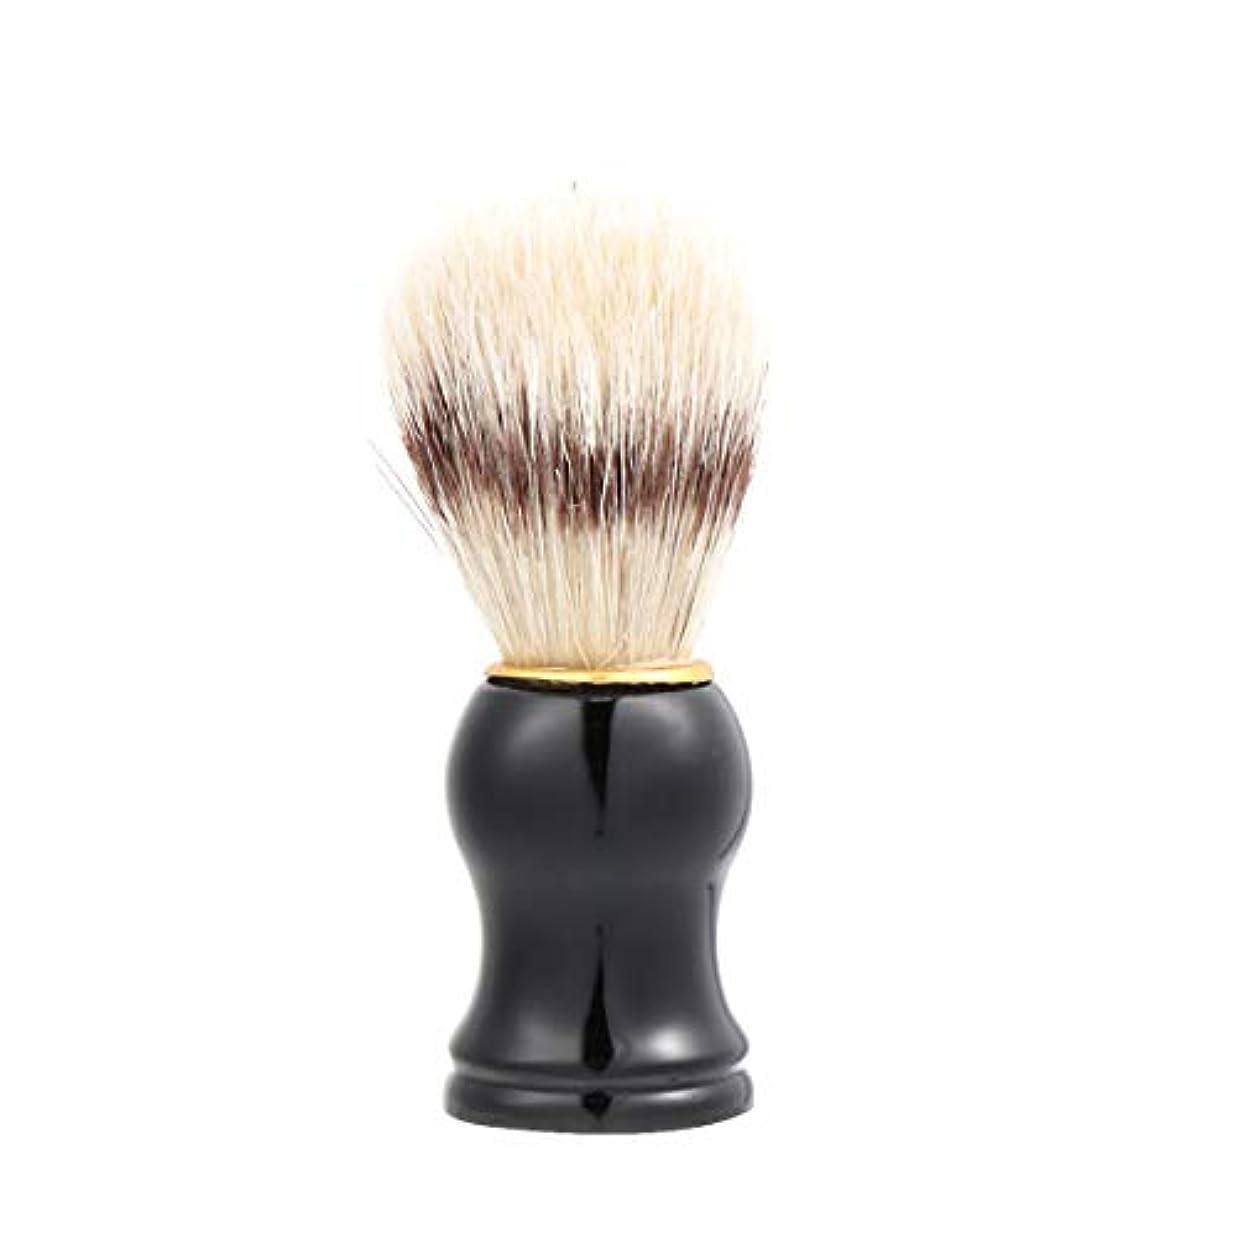 衛星失われた実質的Lurrose 男性の剃毛ブラシ 毛髭ひげ 剃毛ブラシ ソフト フェイシャルケア ヘアクレンジングブラシ